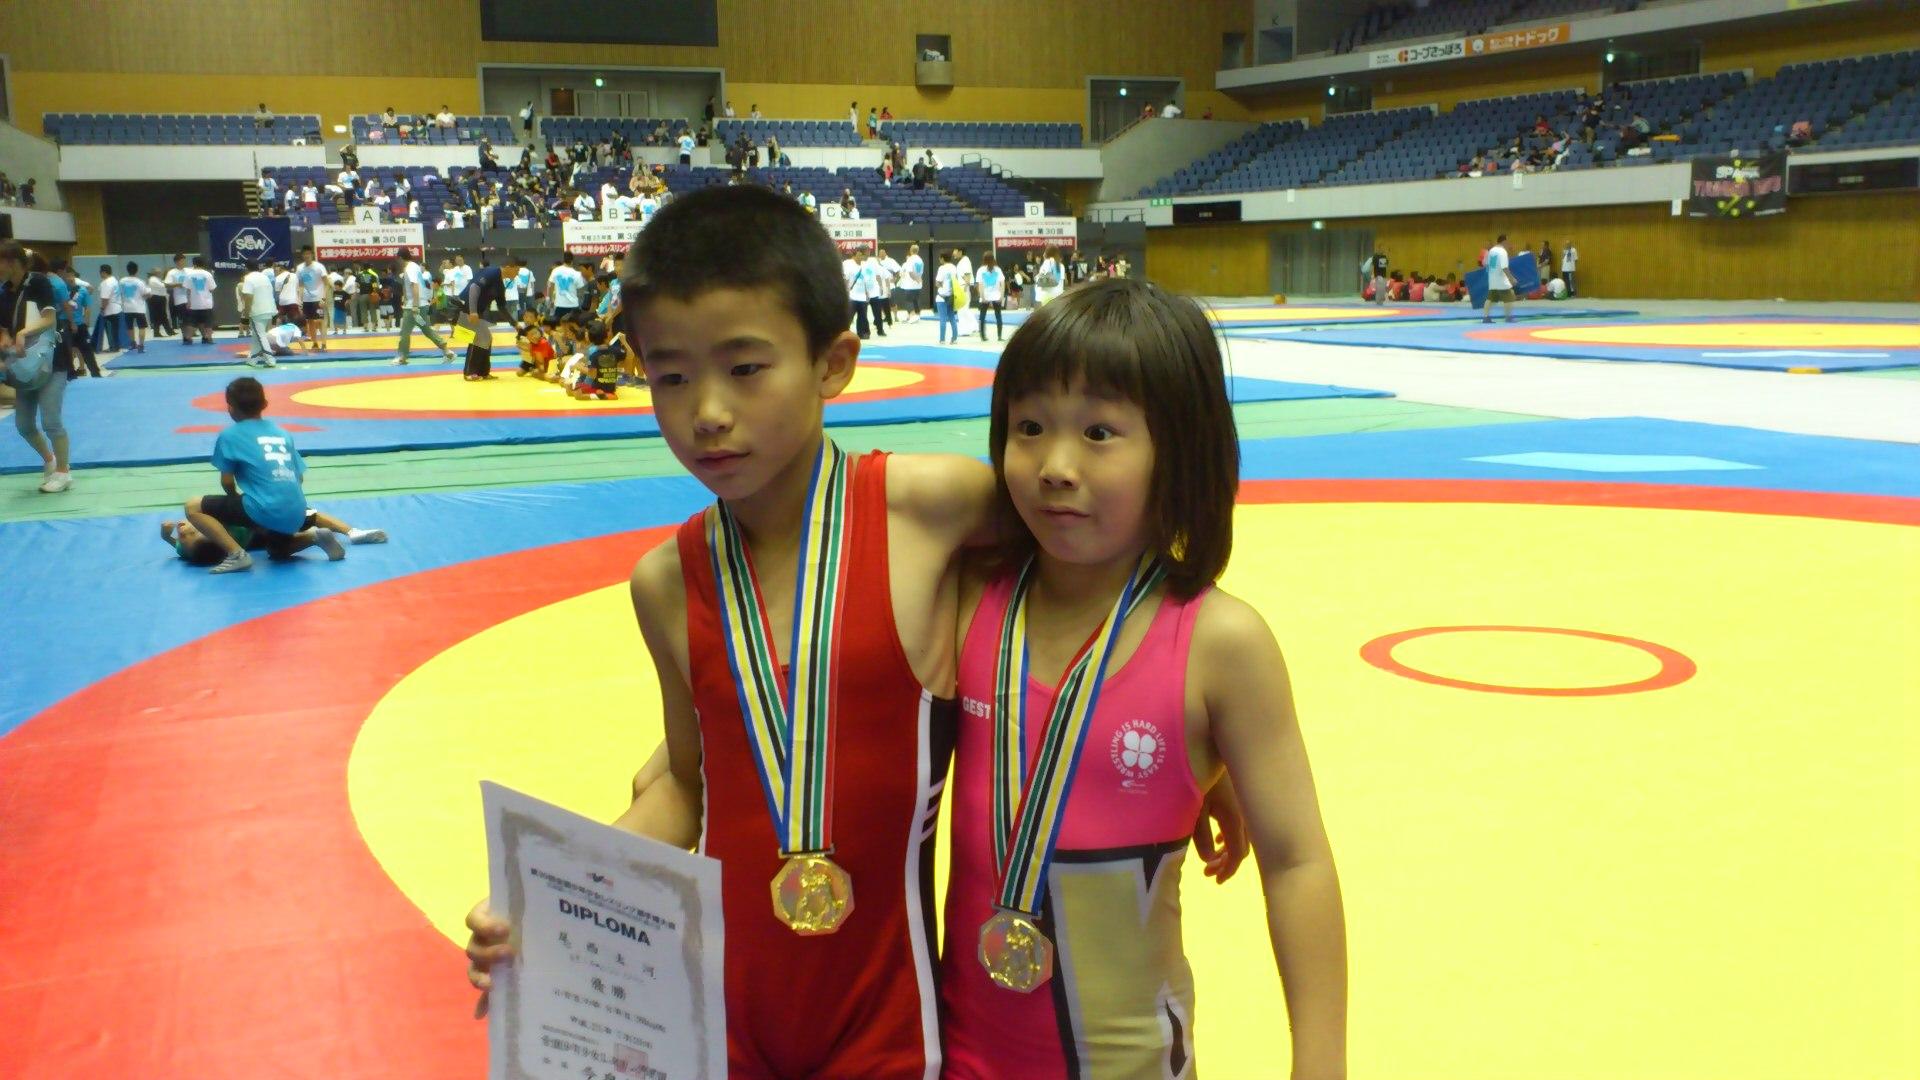 全国 少年 少女 レスリング